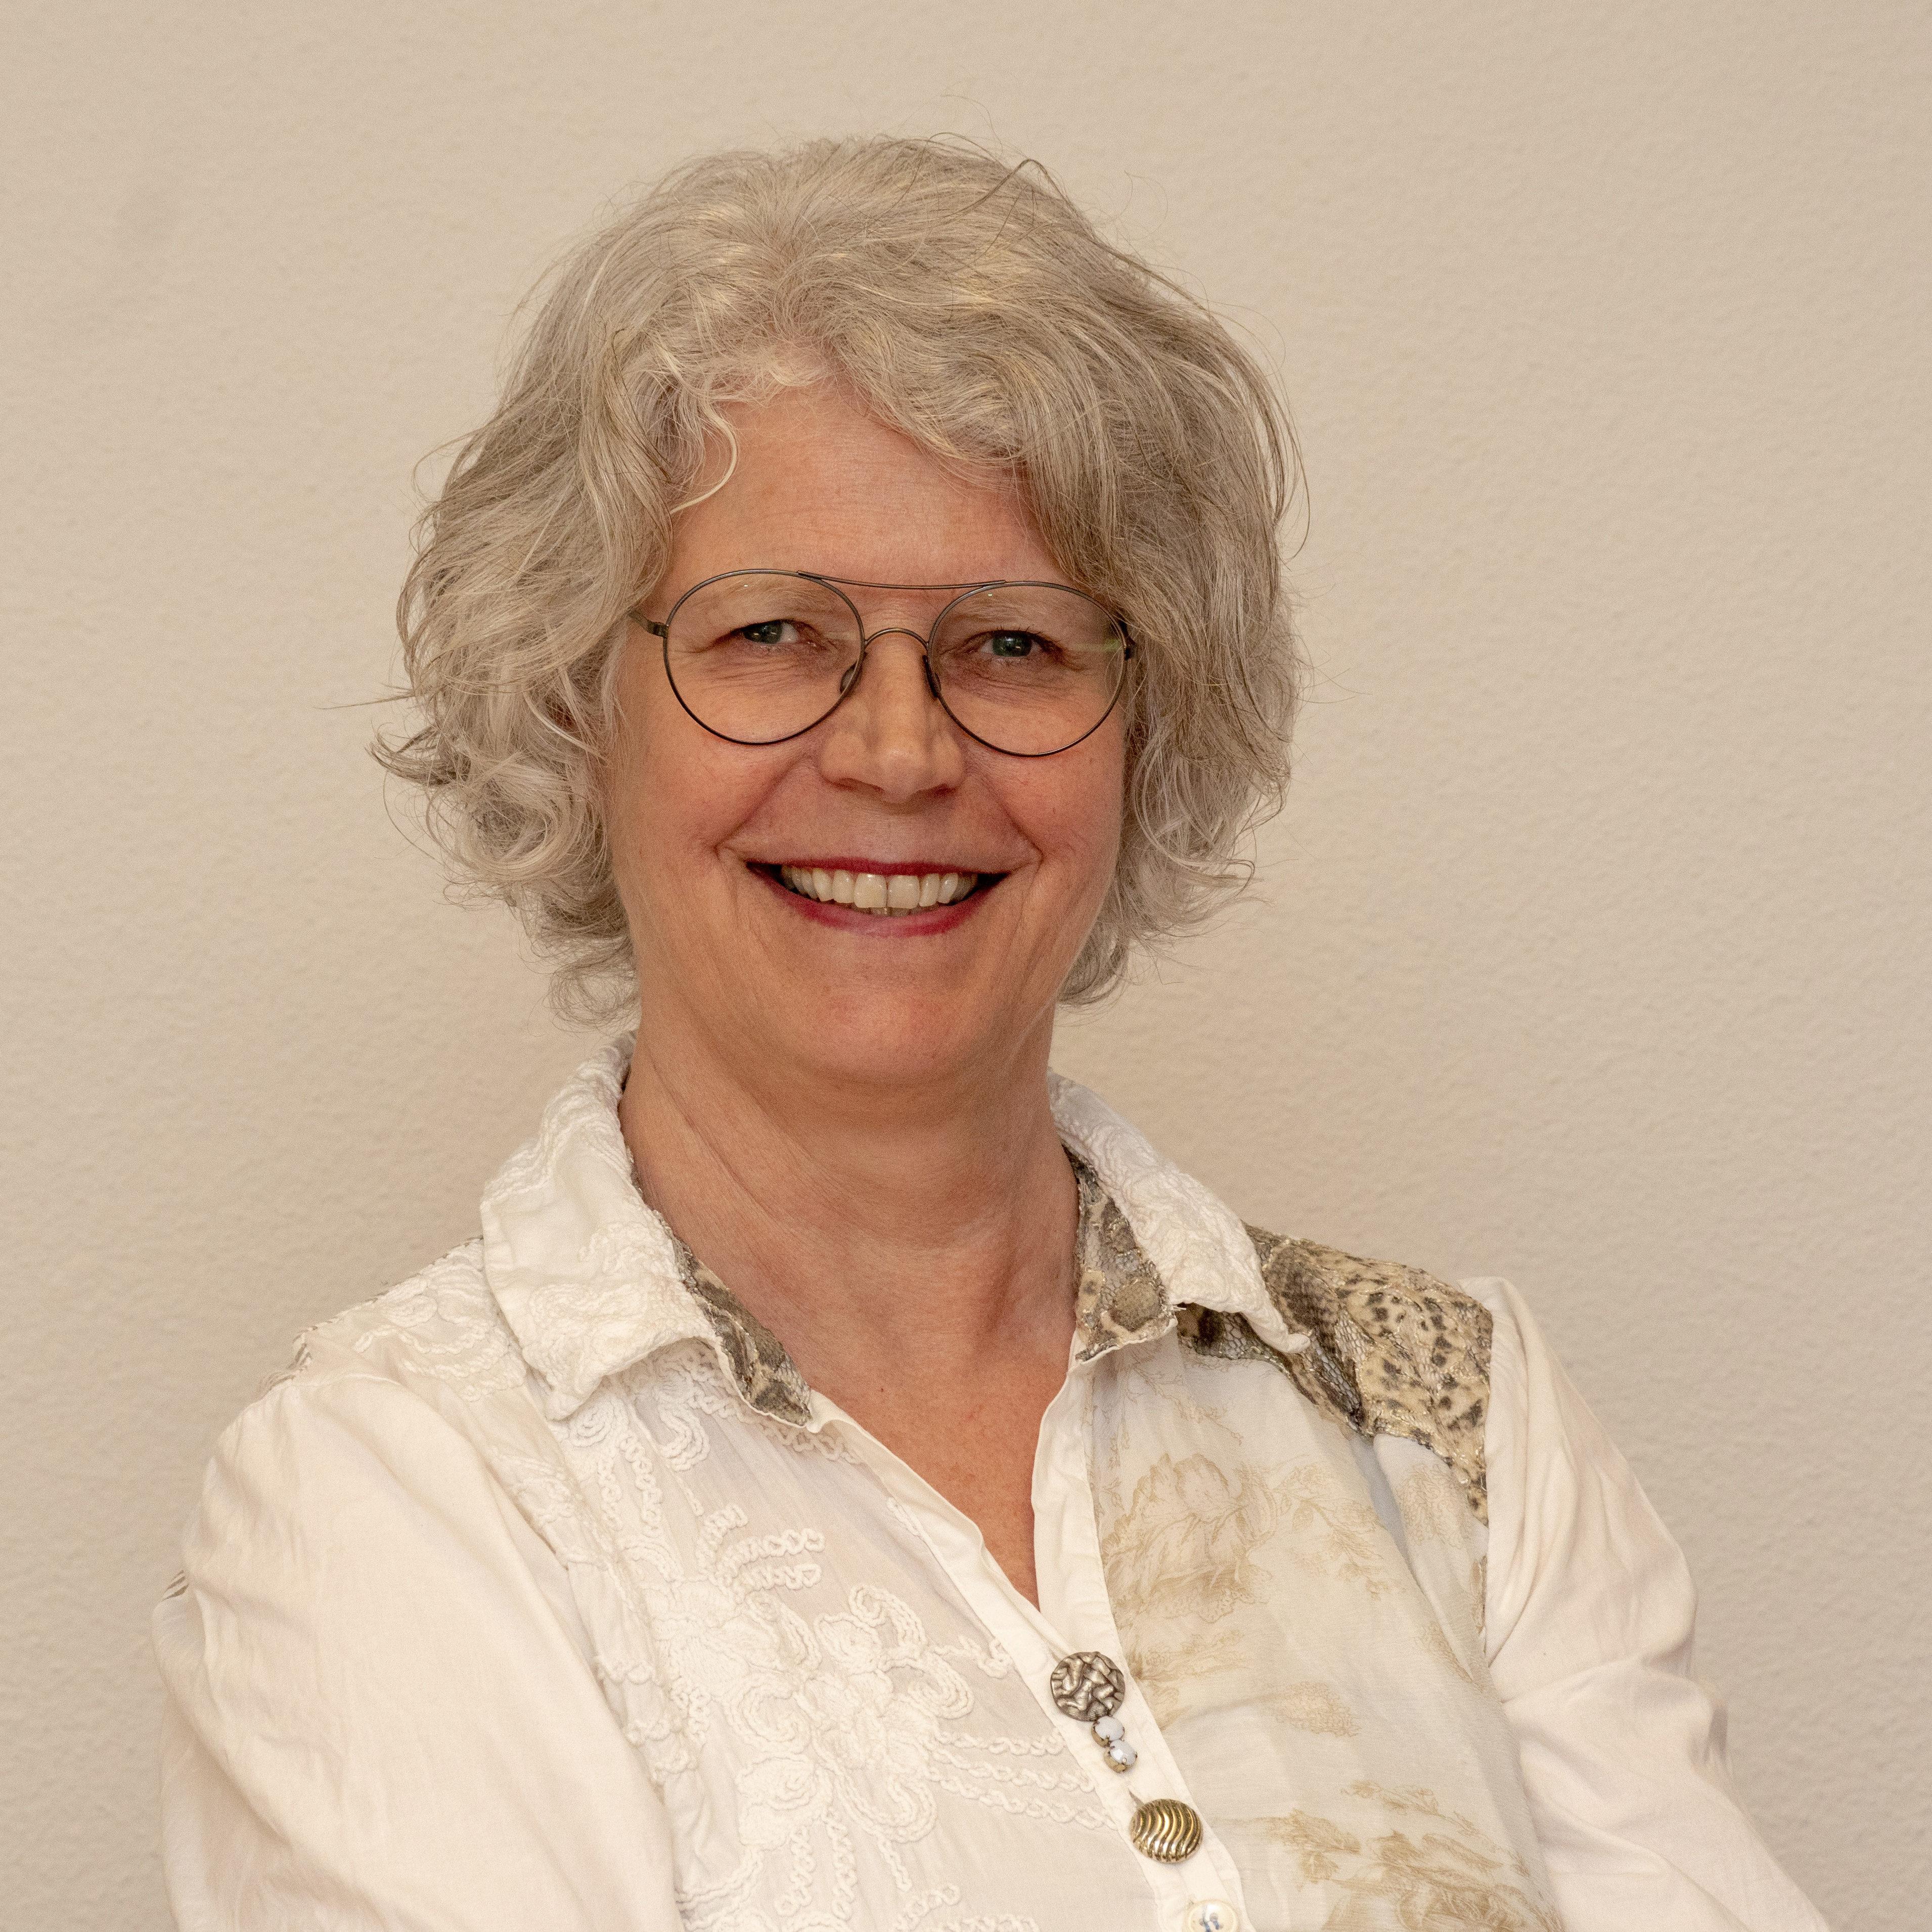 Carla Mulder